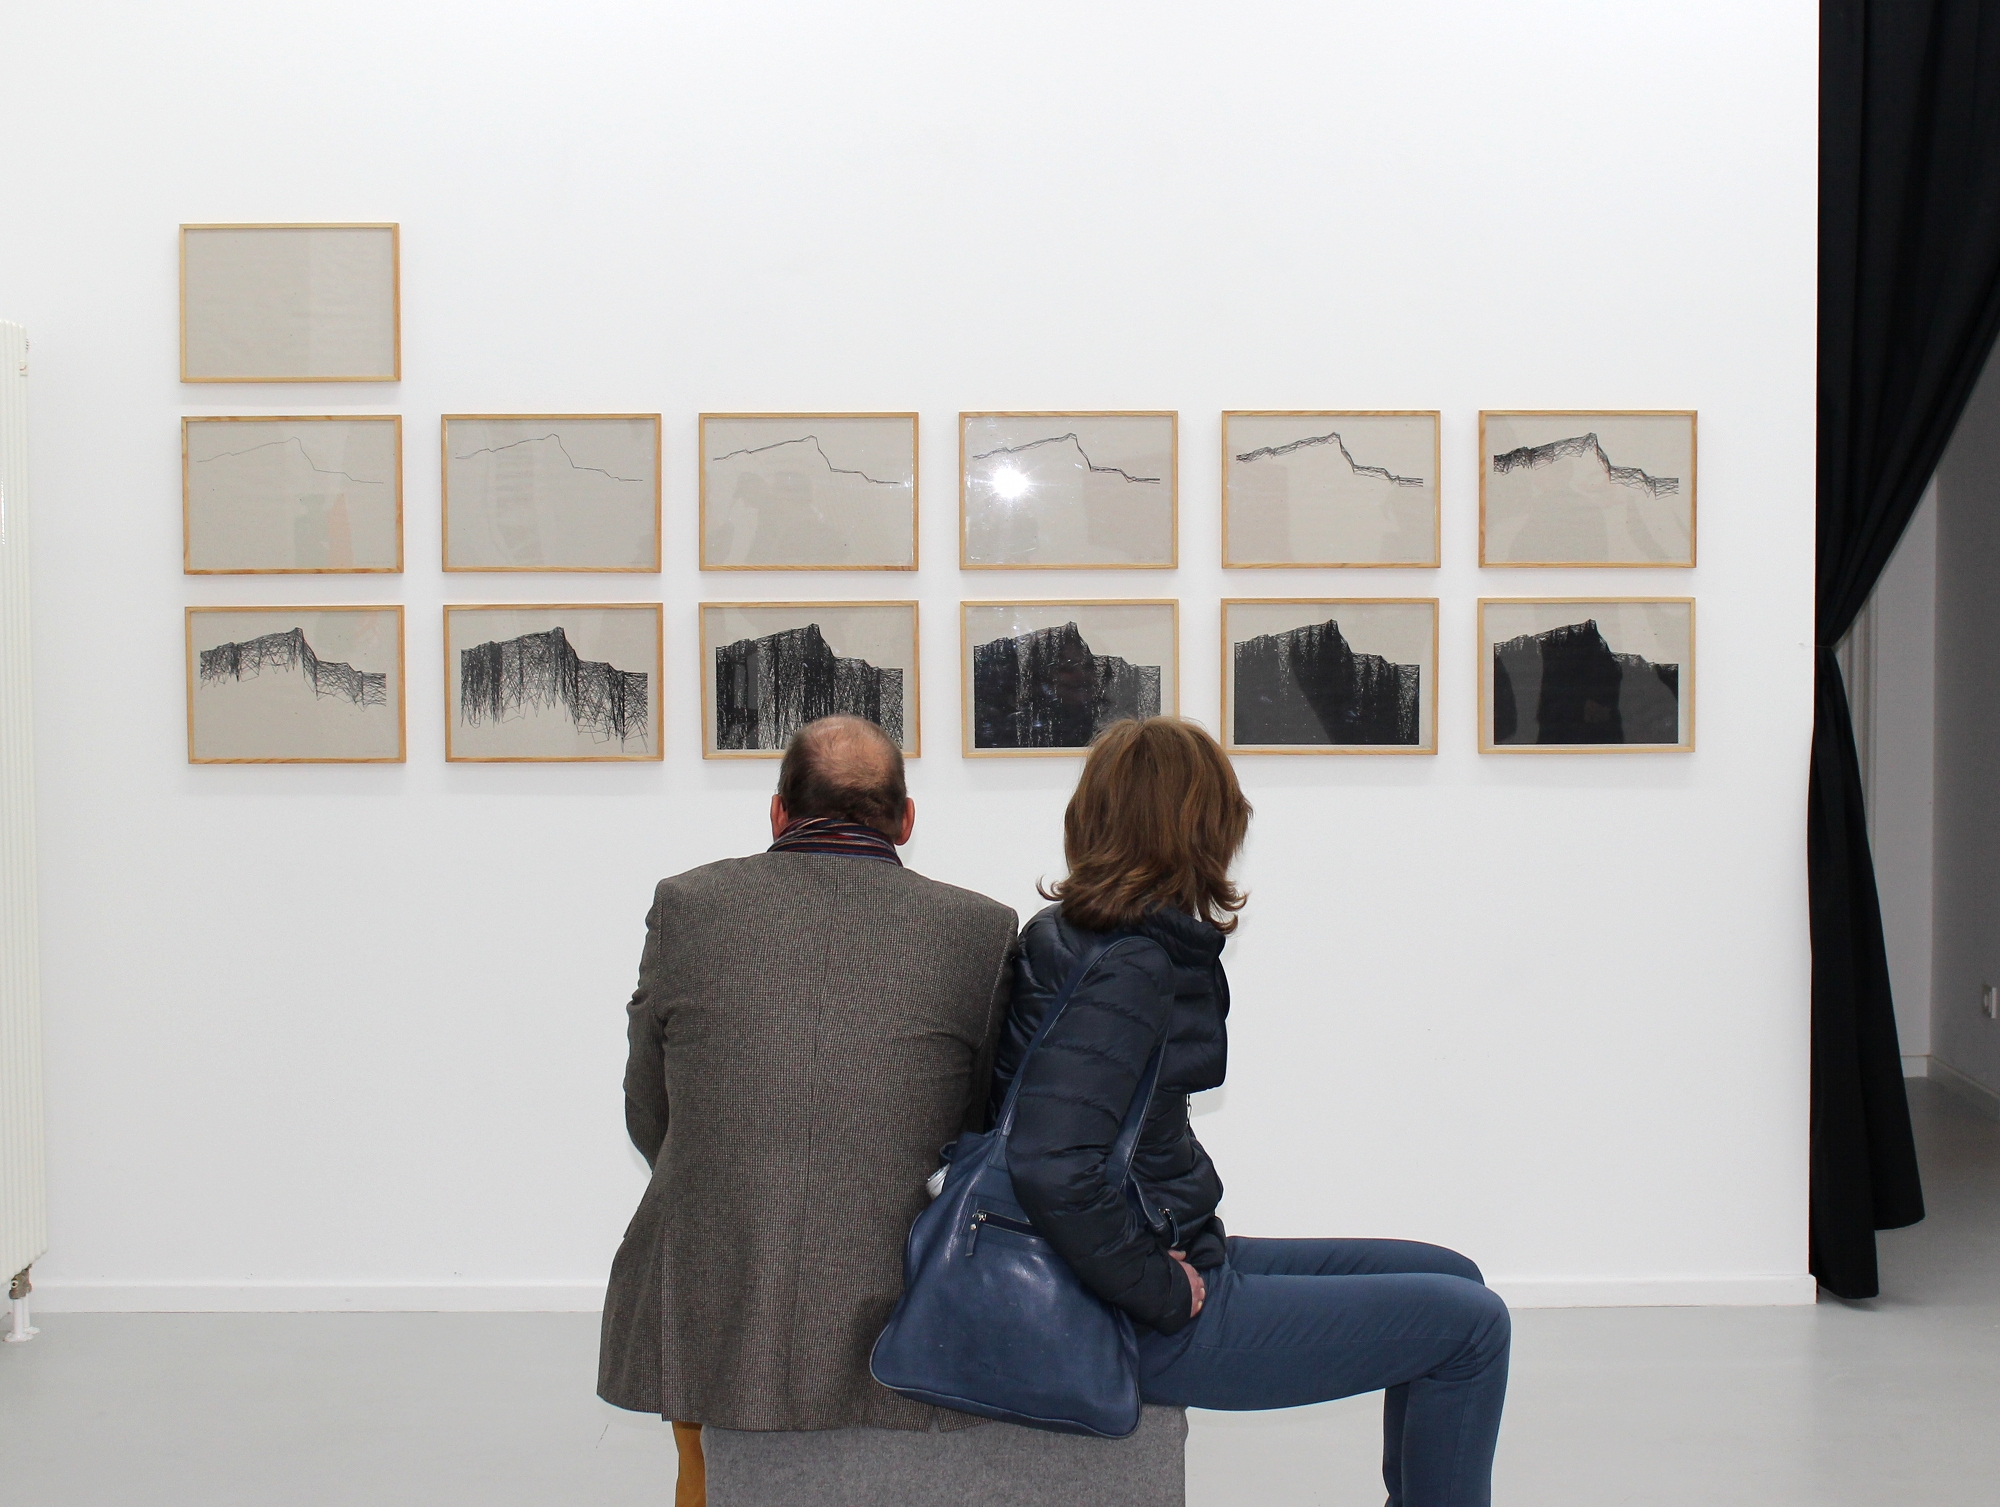 Vera Molnar, Solo, 2014, Preview